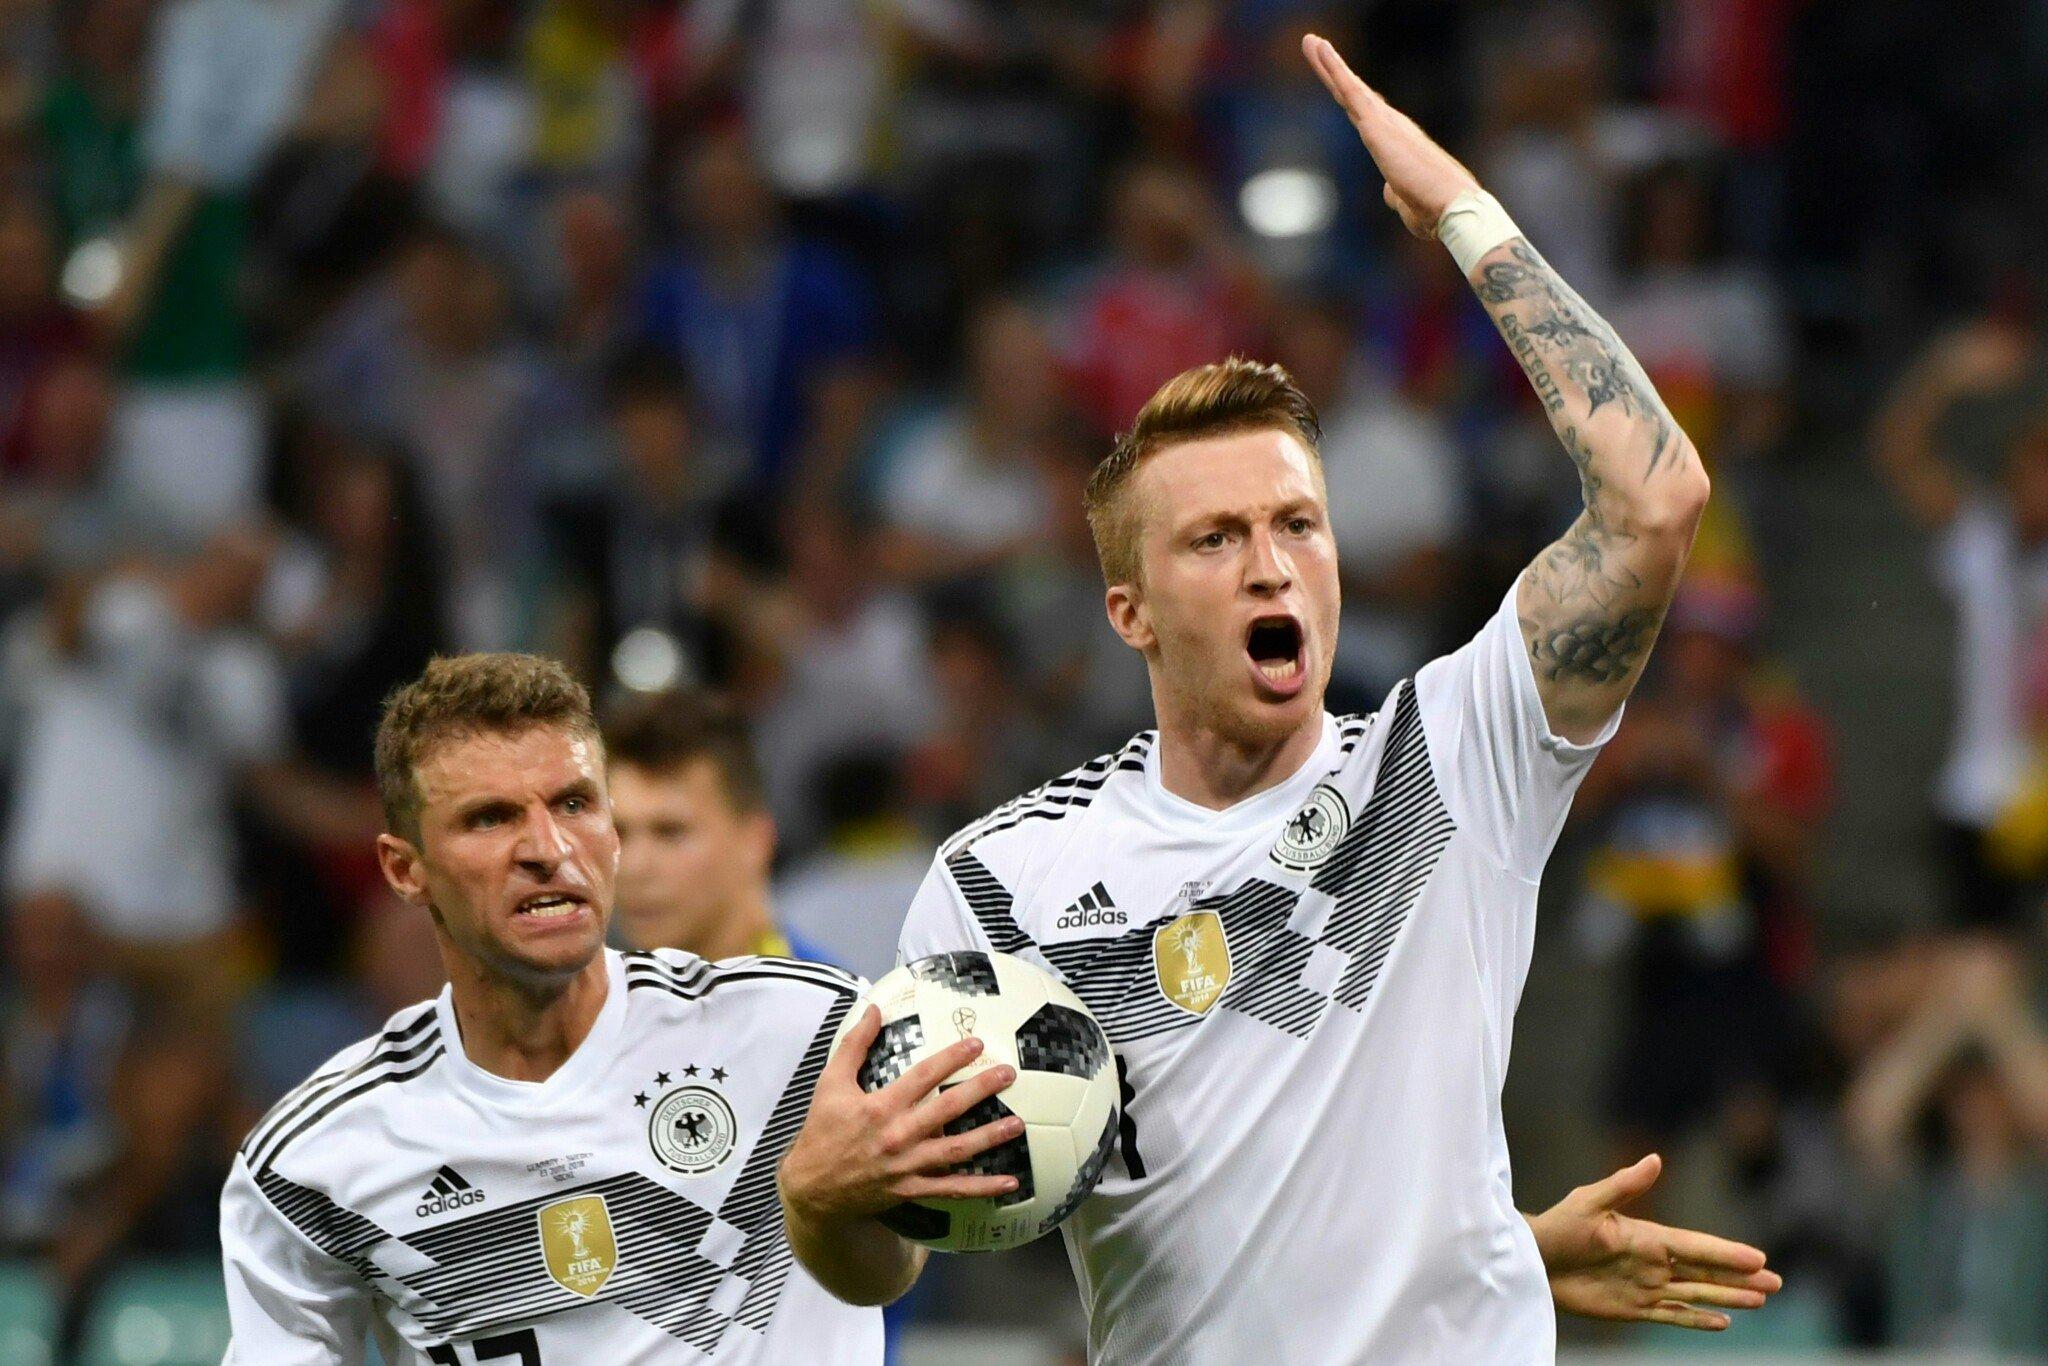 Германия обыграла Швецию и сохранила шансы на плей-офф